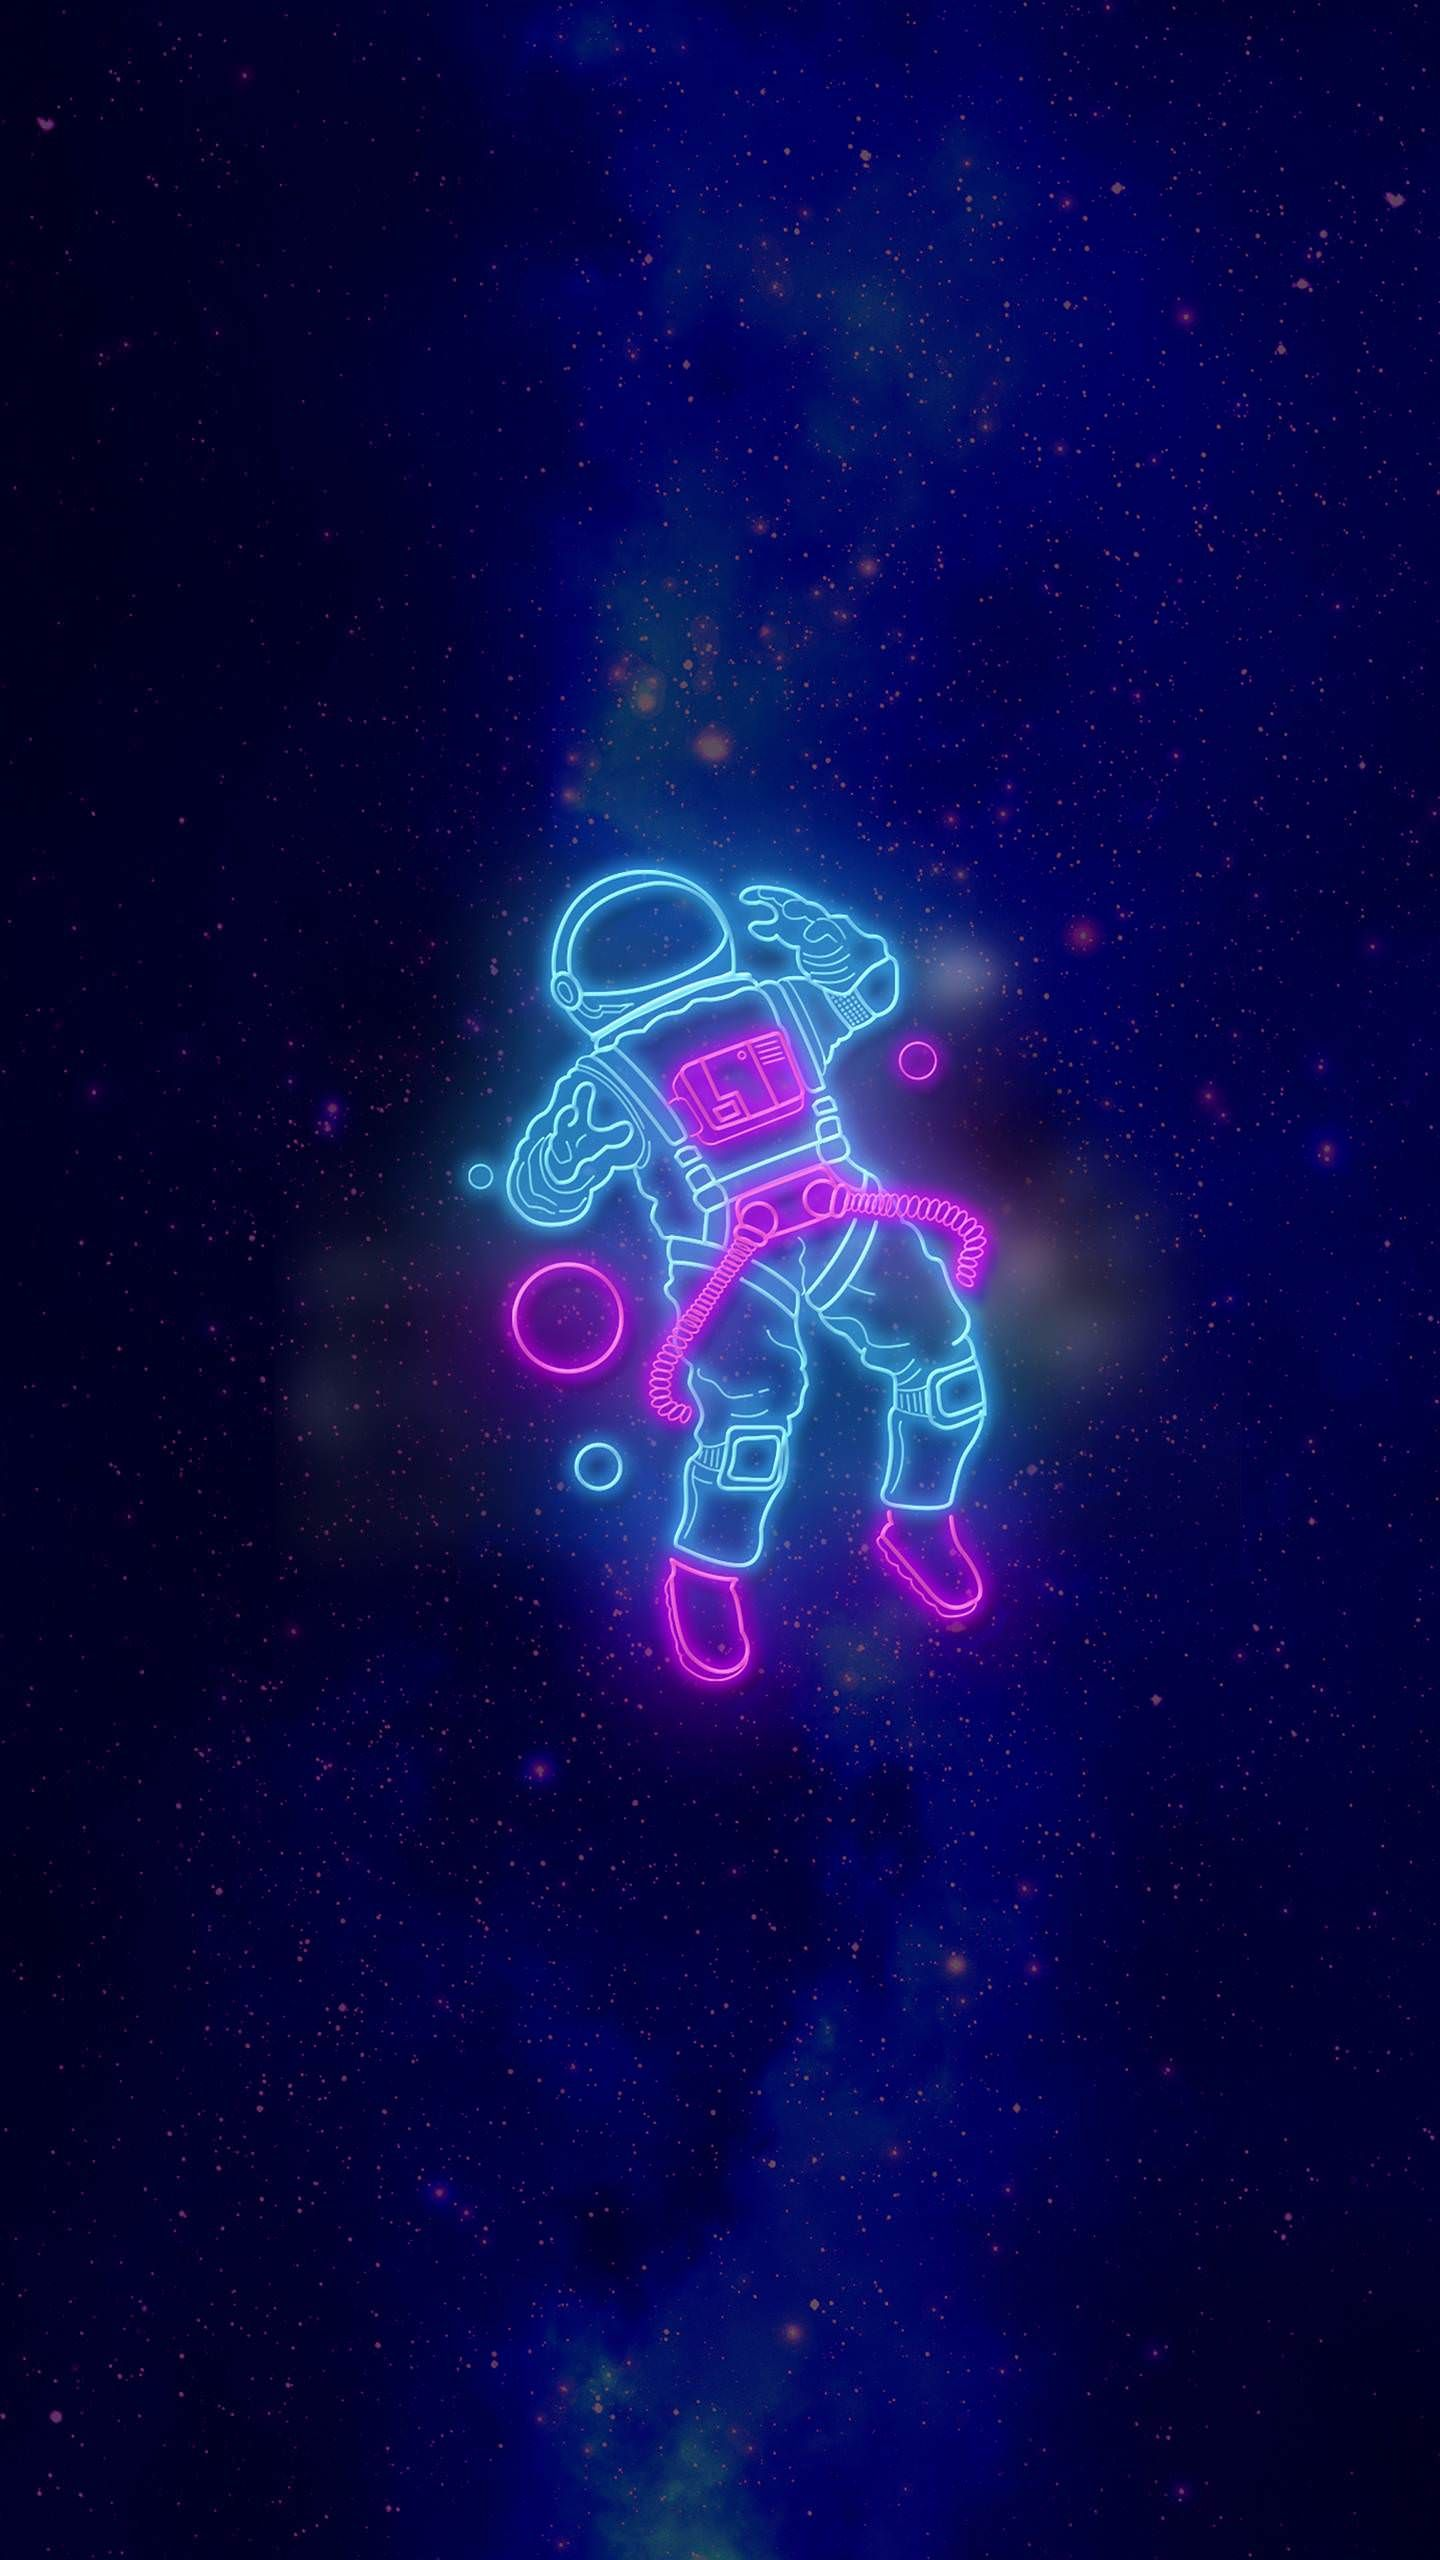 Neon Astronaut Wallpaper iphone neon Astronaut wallpaper Neon 1440x2560